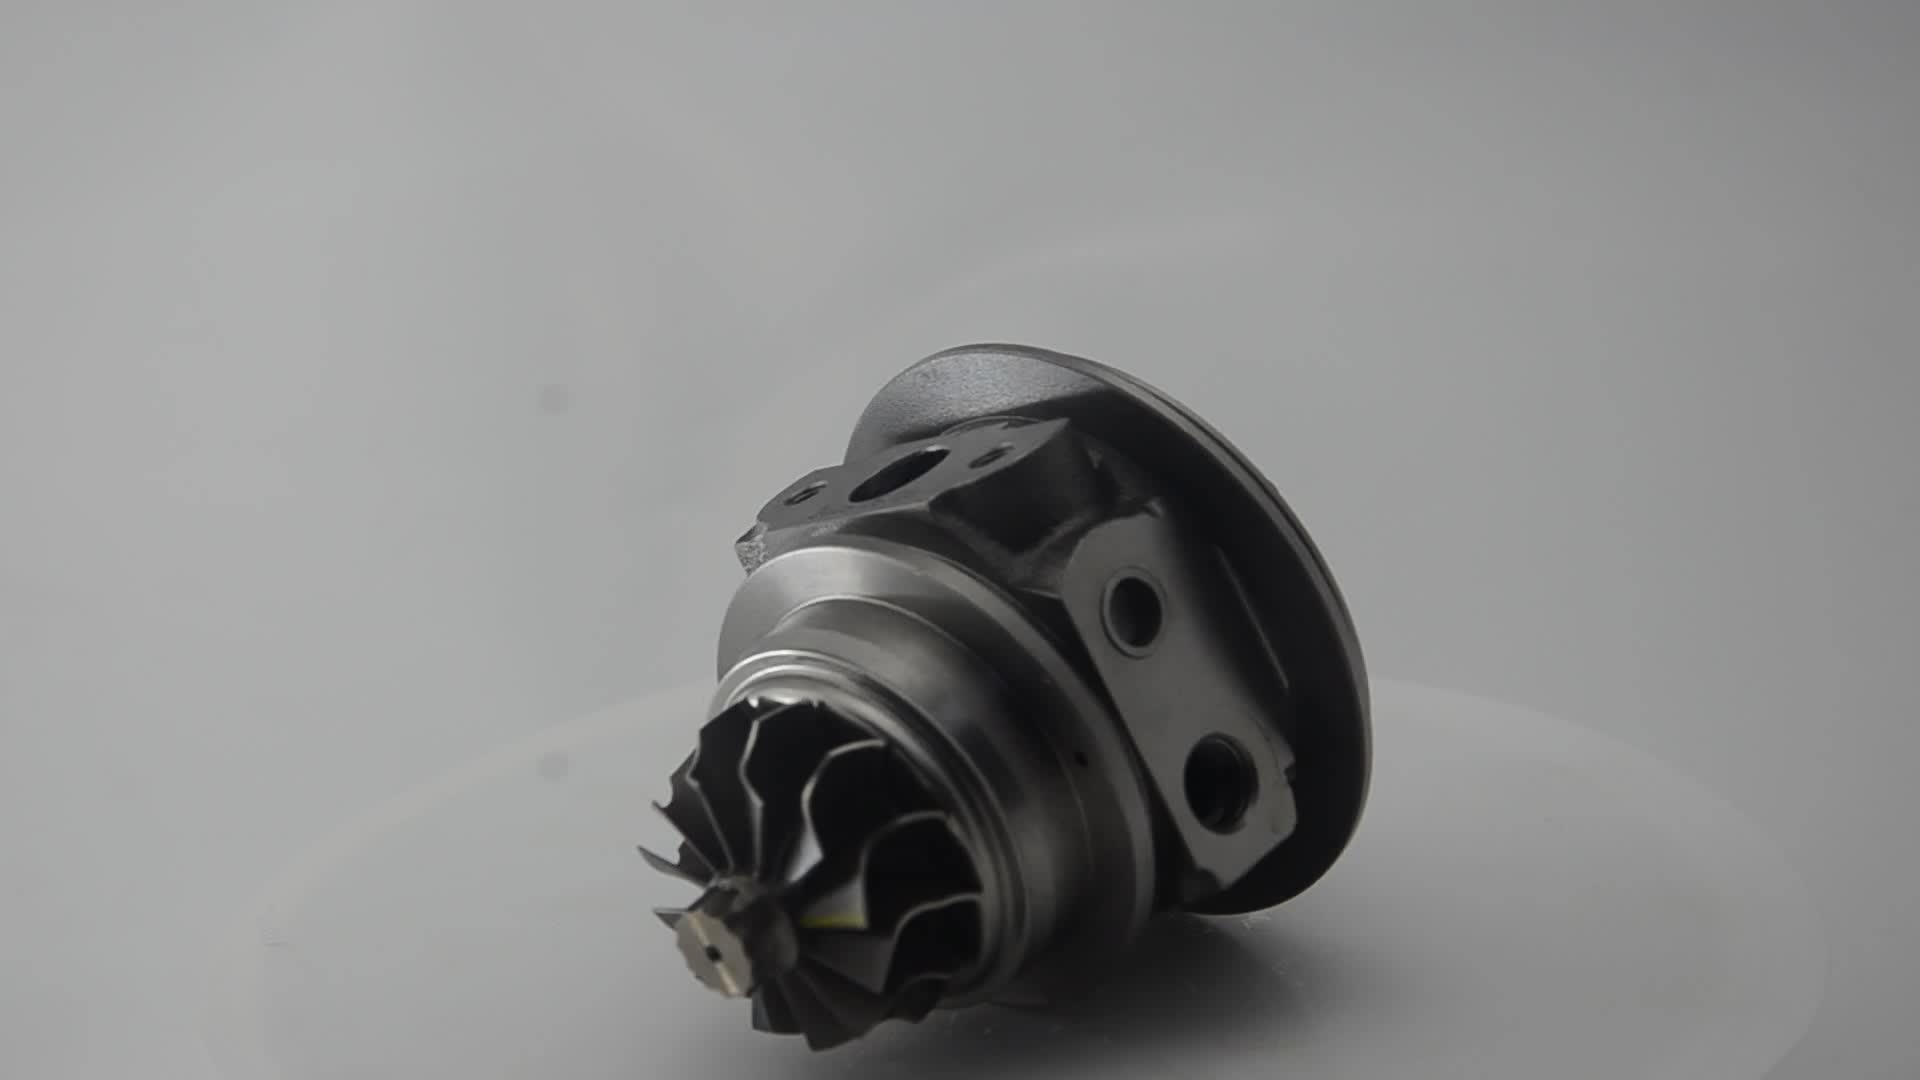 TD04 turbo cartuccia 28200-42540 49177-08250 MR355225 core chra per Mitsubishi Gallopper TCI 2.5 TDI L200